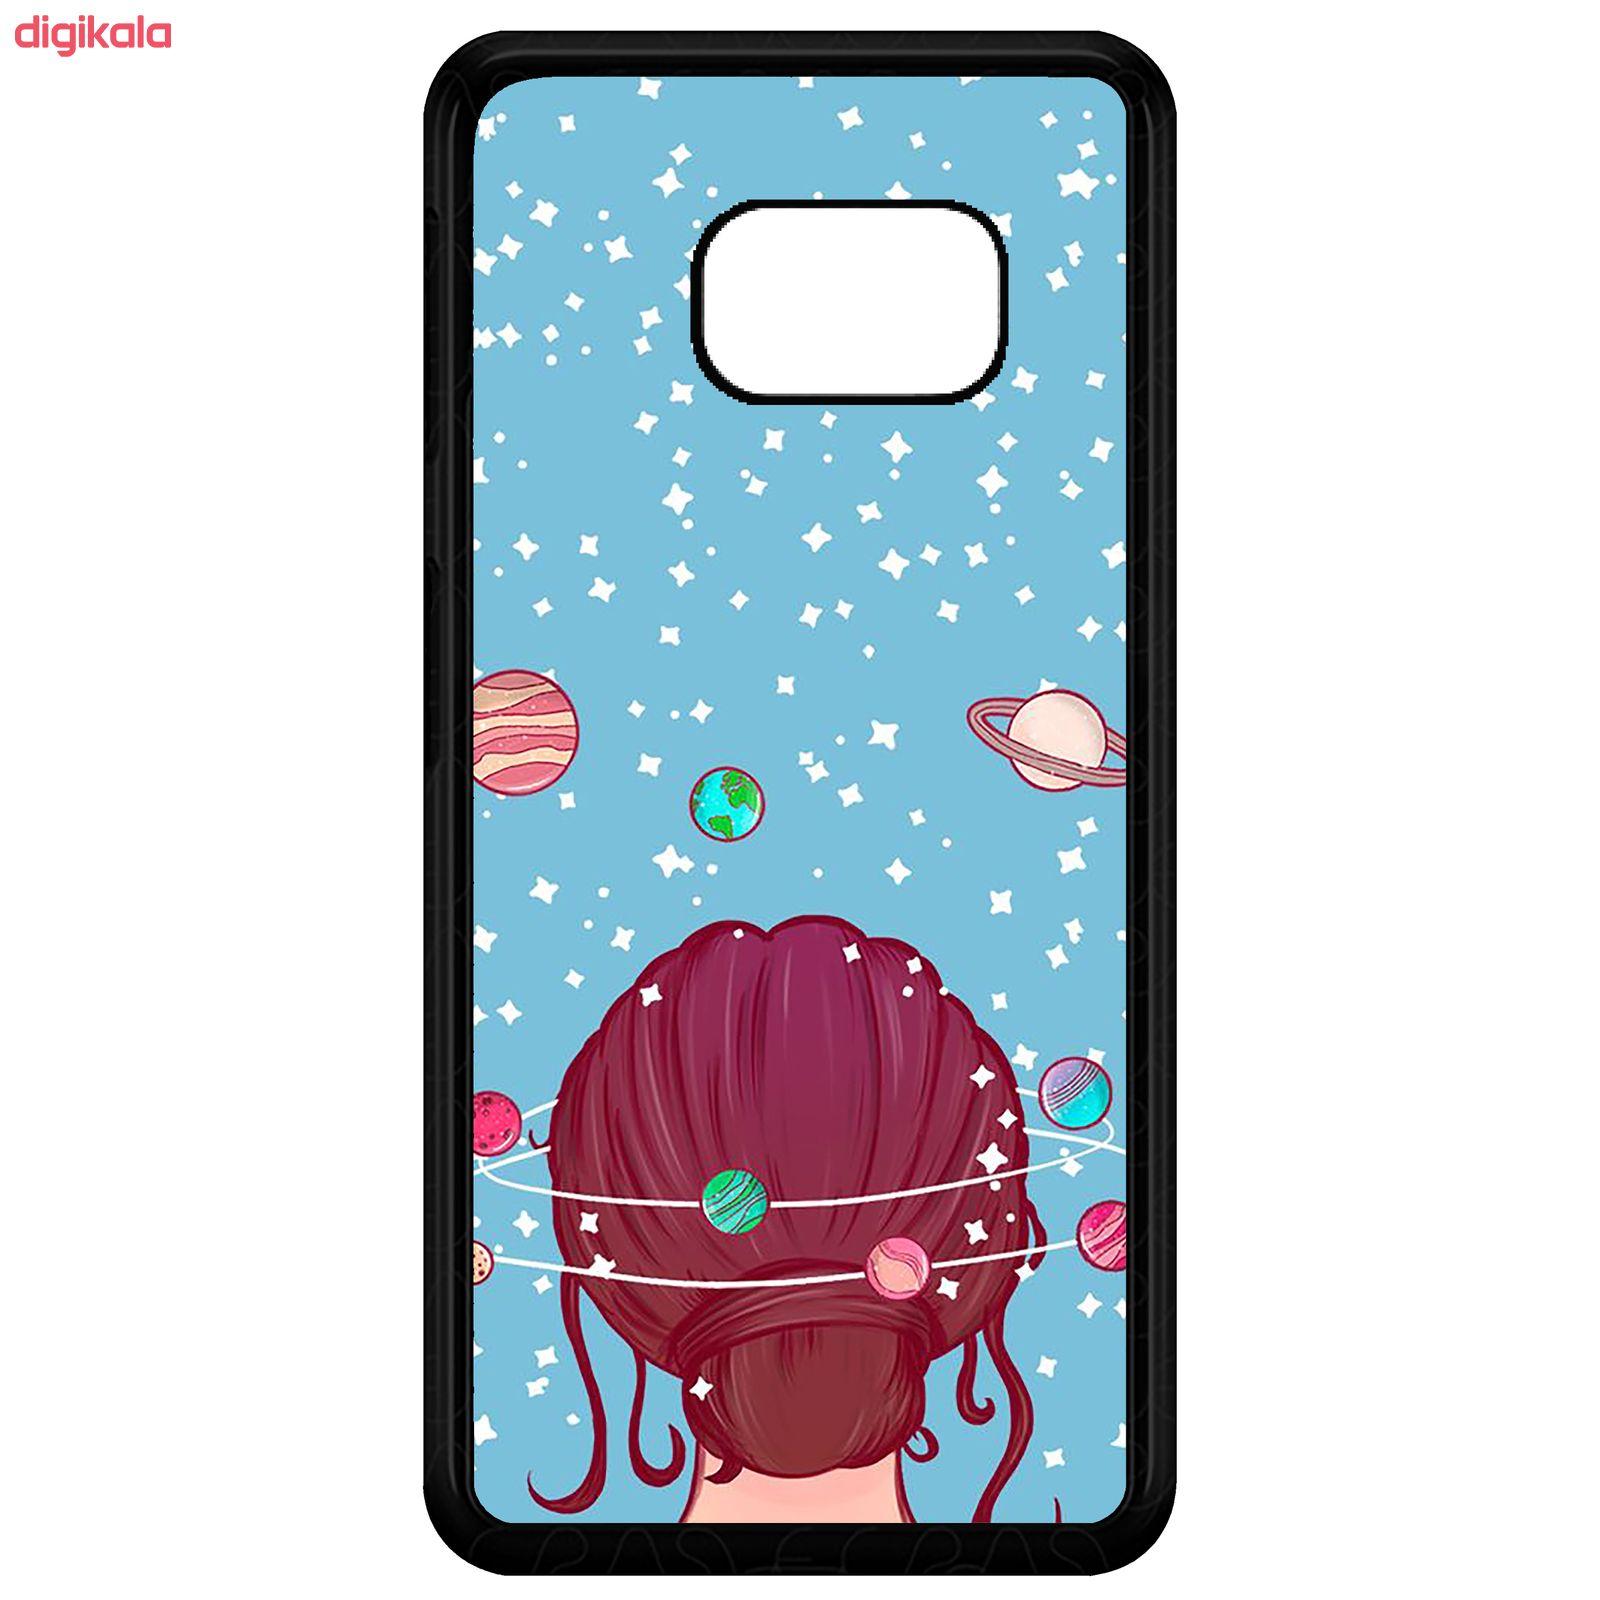 کاور طرح Girl مدل CHL50211 مناسب برای گوشی موبایل سامسونگ Galaxy S7